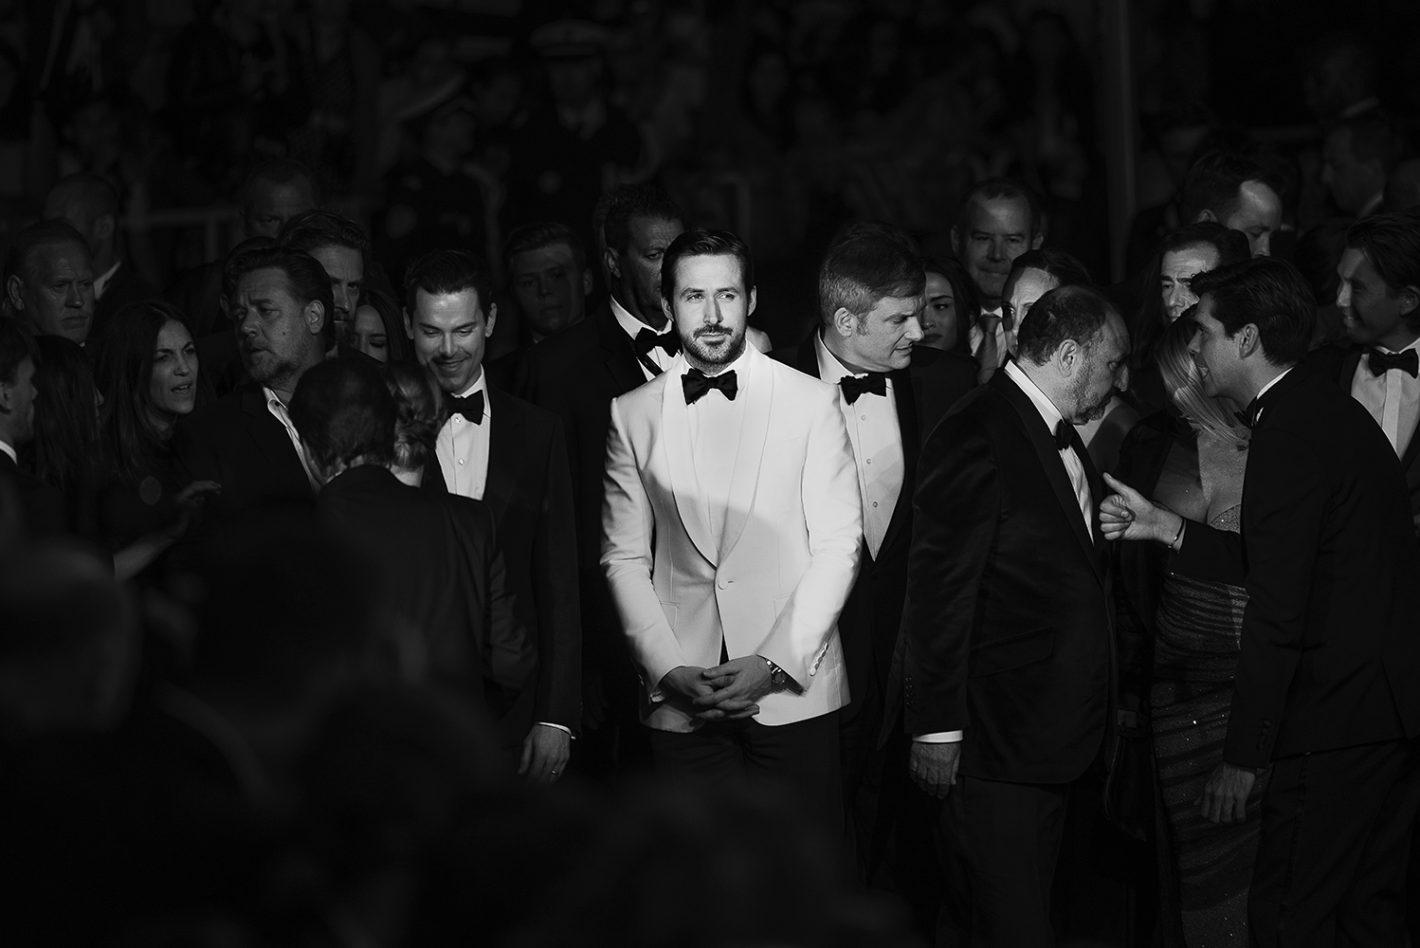 Festival de Cannes 2016 - Ryan Gosling - Nikon D800